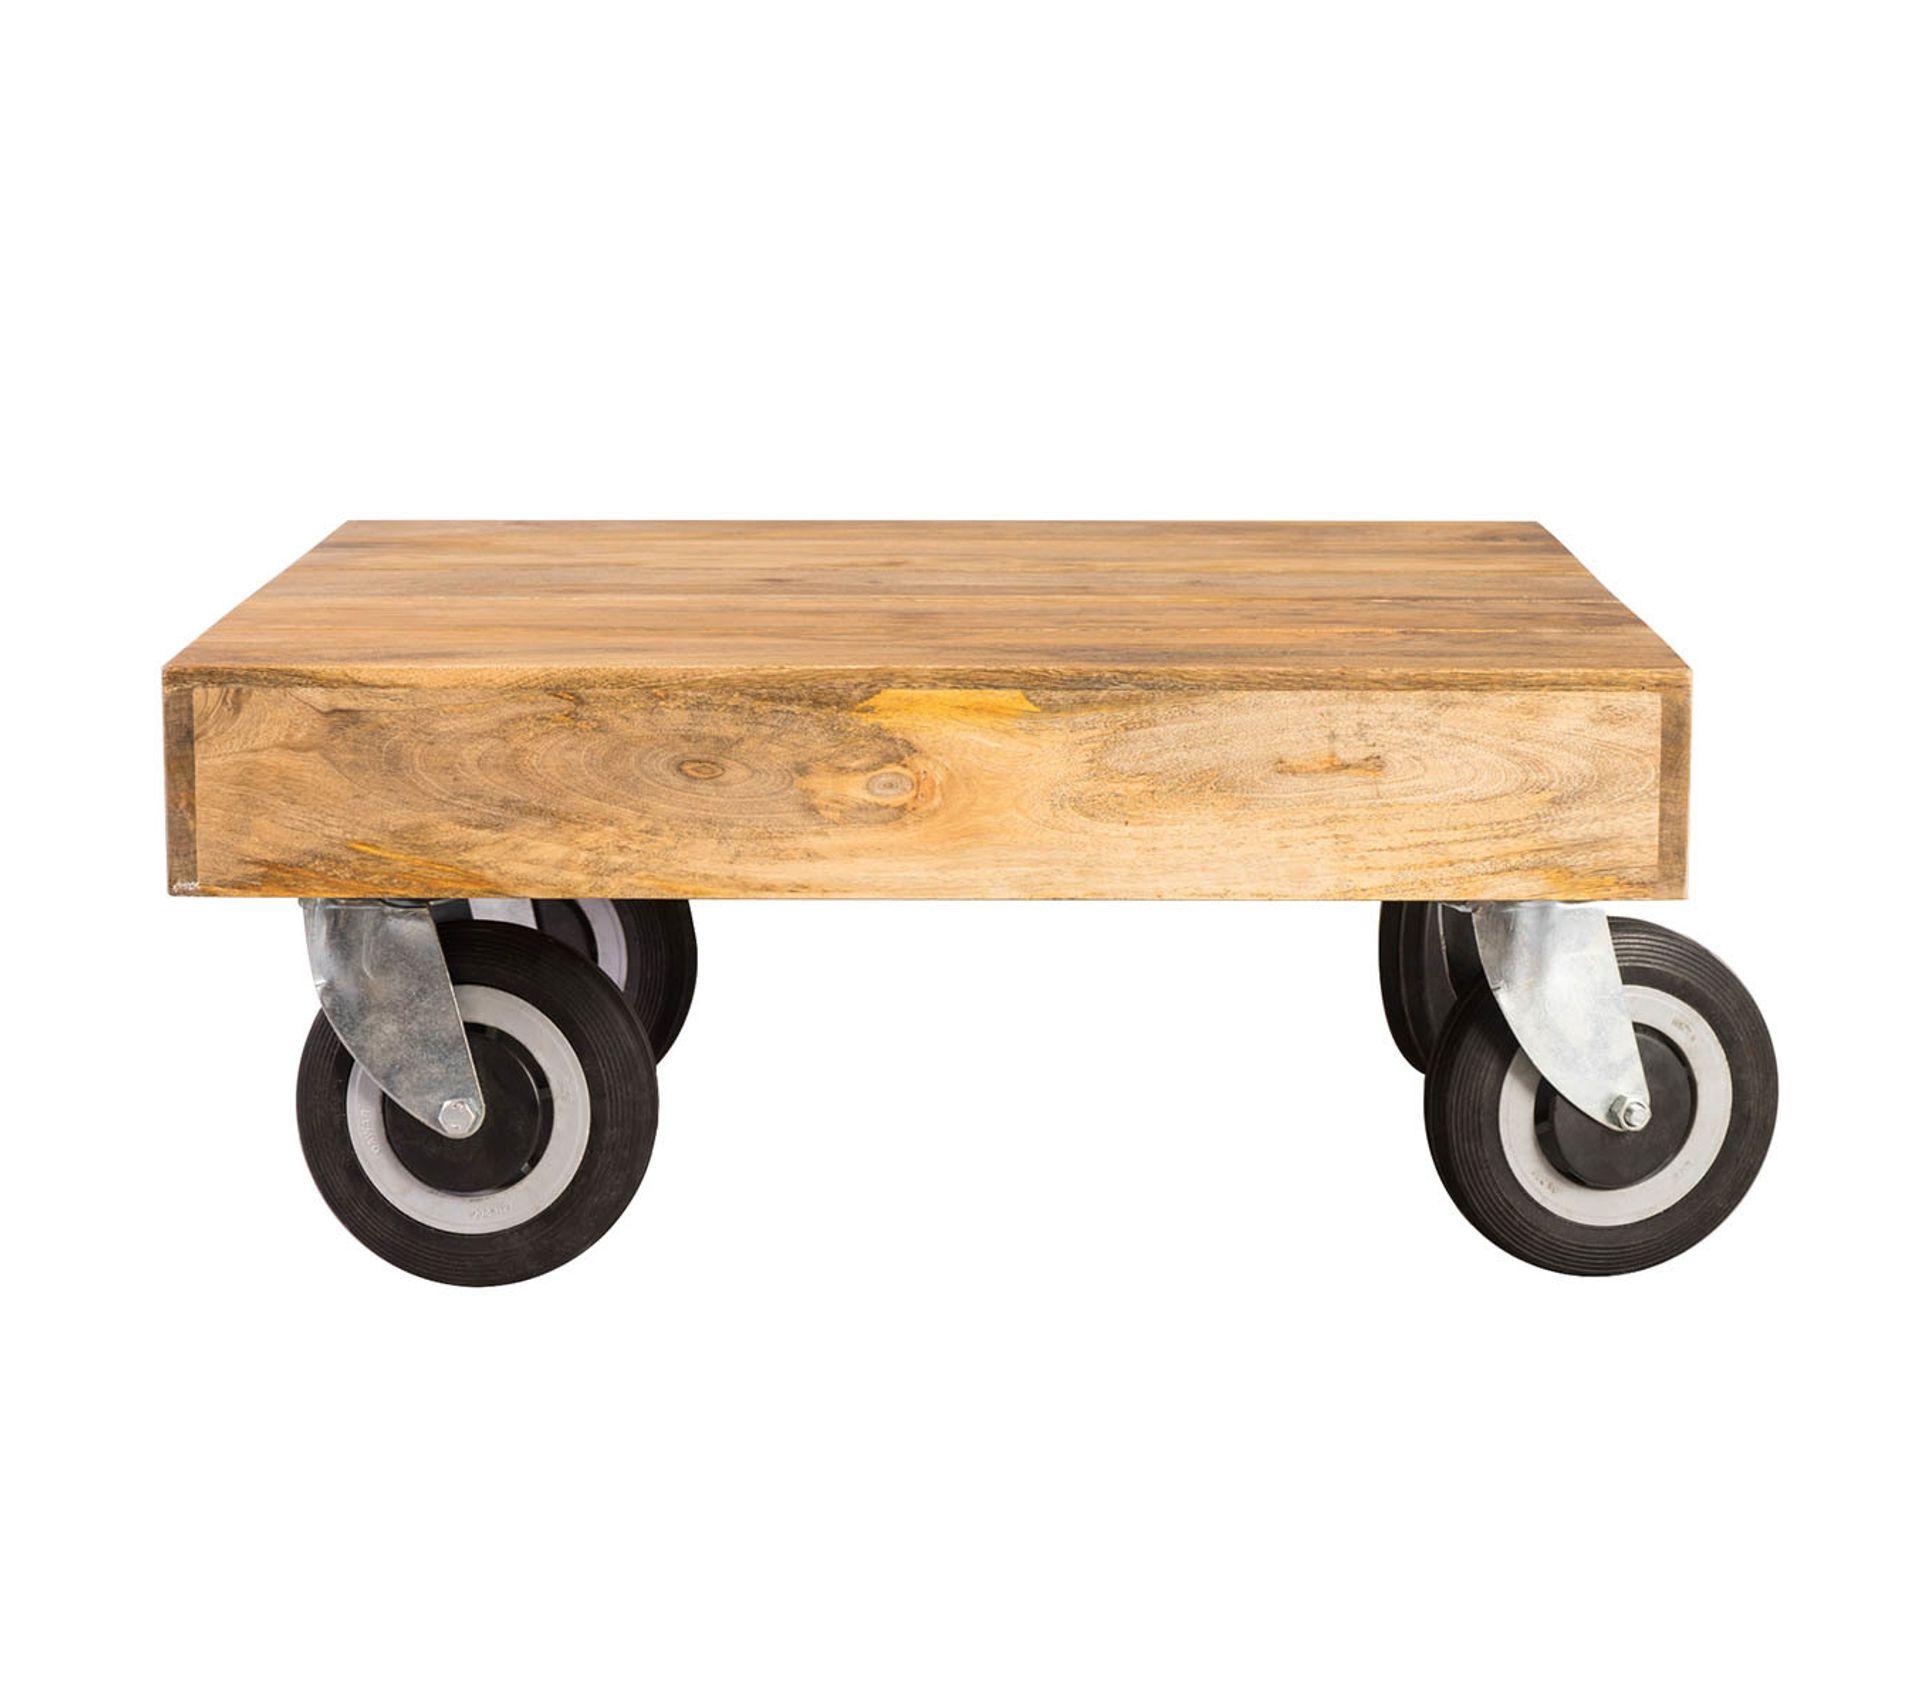 Mettre Des Roulettes Sous Une Table table basse design industrielle carrée À roulettes l80 x l80 cm atelier